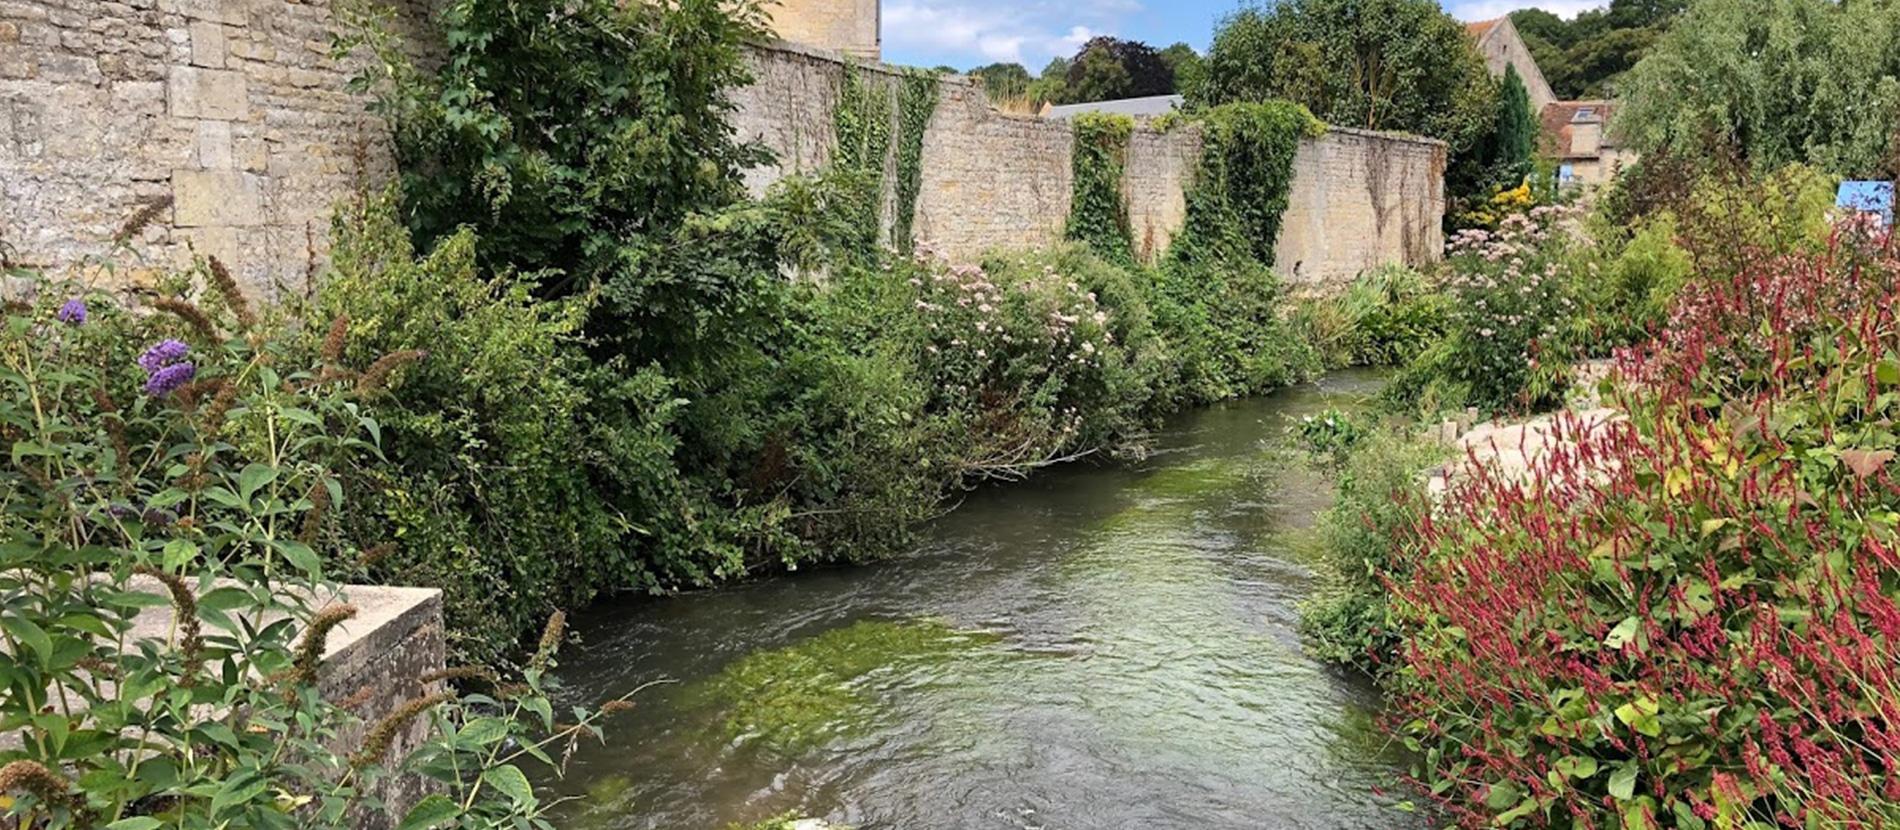 Cours d'eau le long de maisons à Reviers dans le Calvados en Normandie